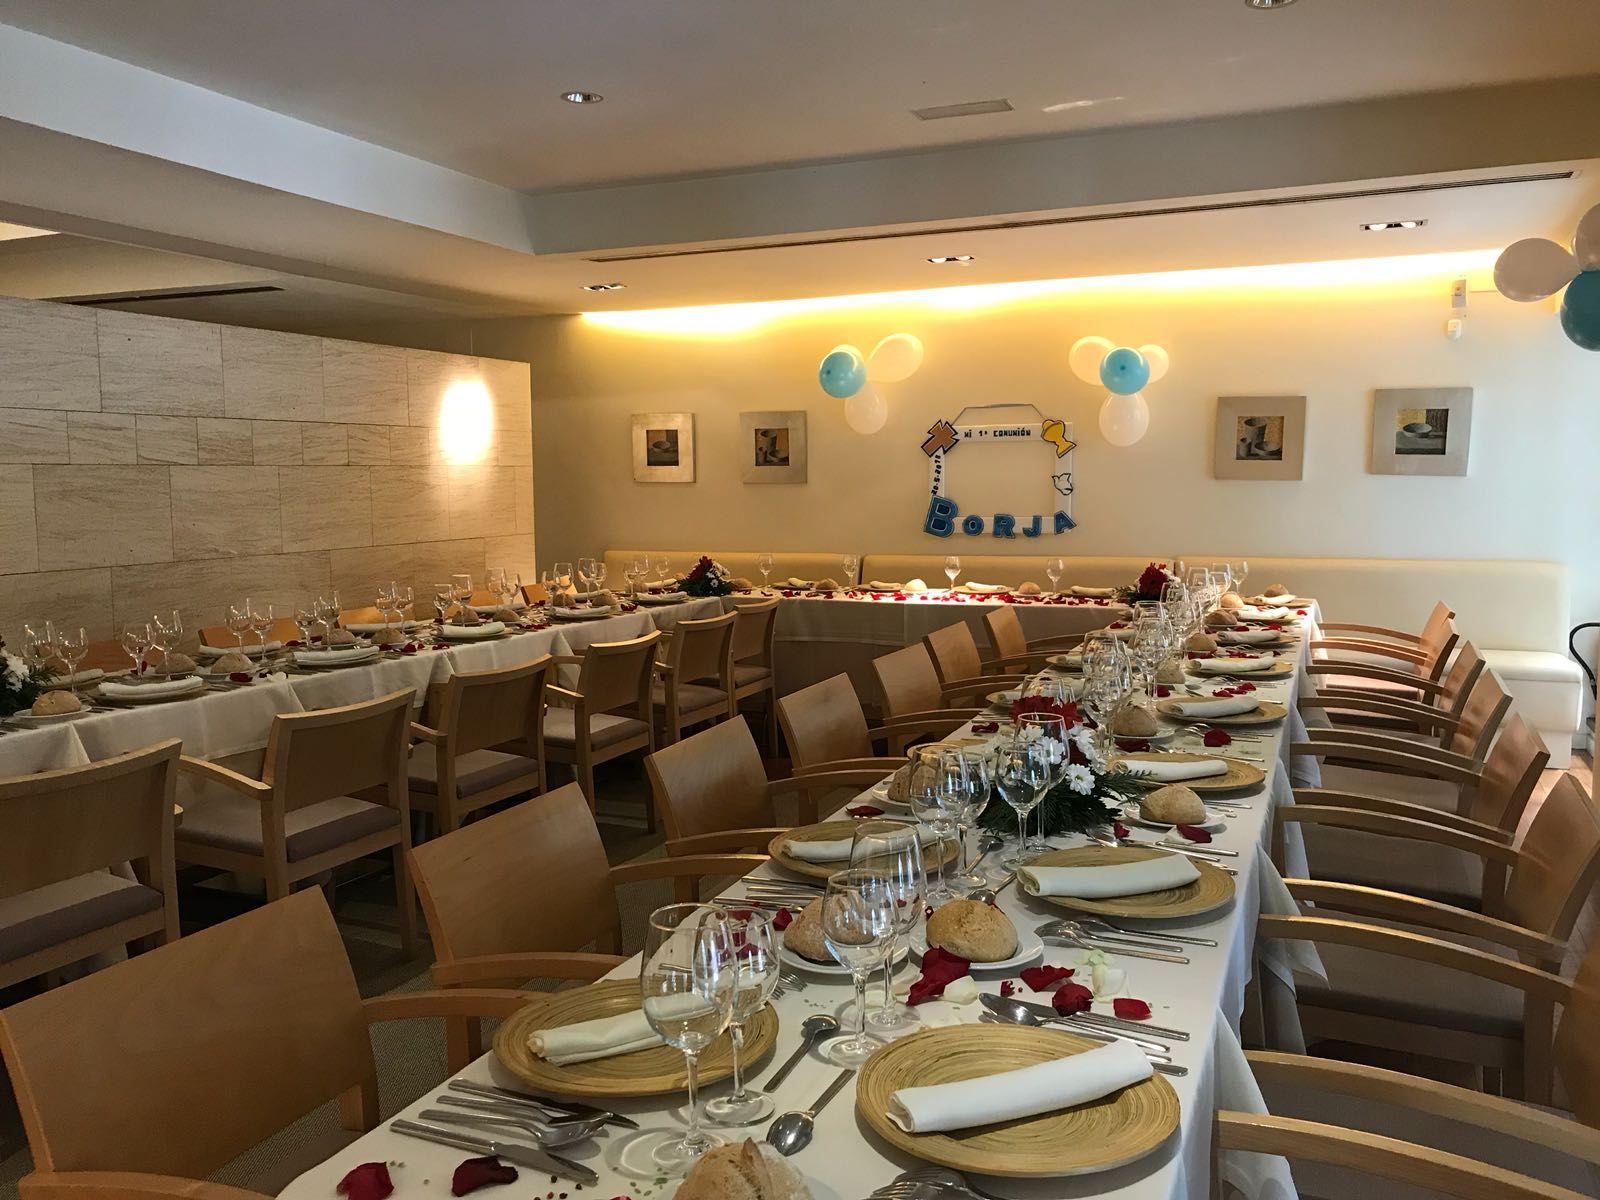 Foto 24 de Restaurante en  | Barbacana